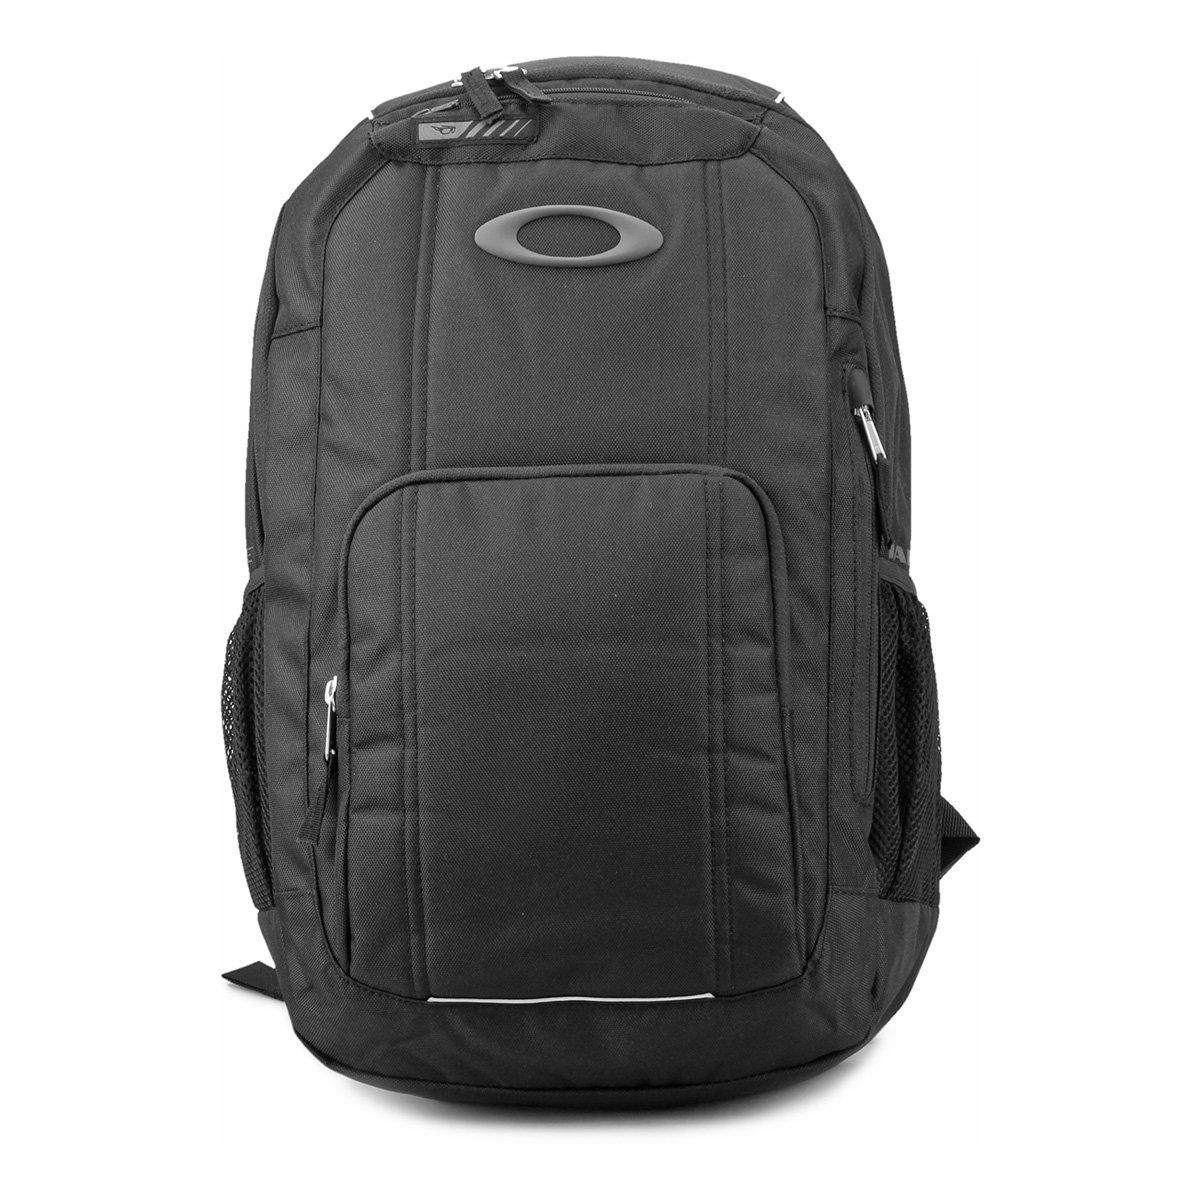 Mochila Oakley Mod Enduro 25L 2.0 - Preto - Compre Agora  9478a0d0091